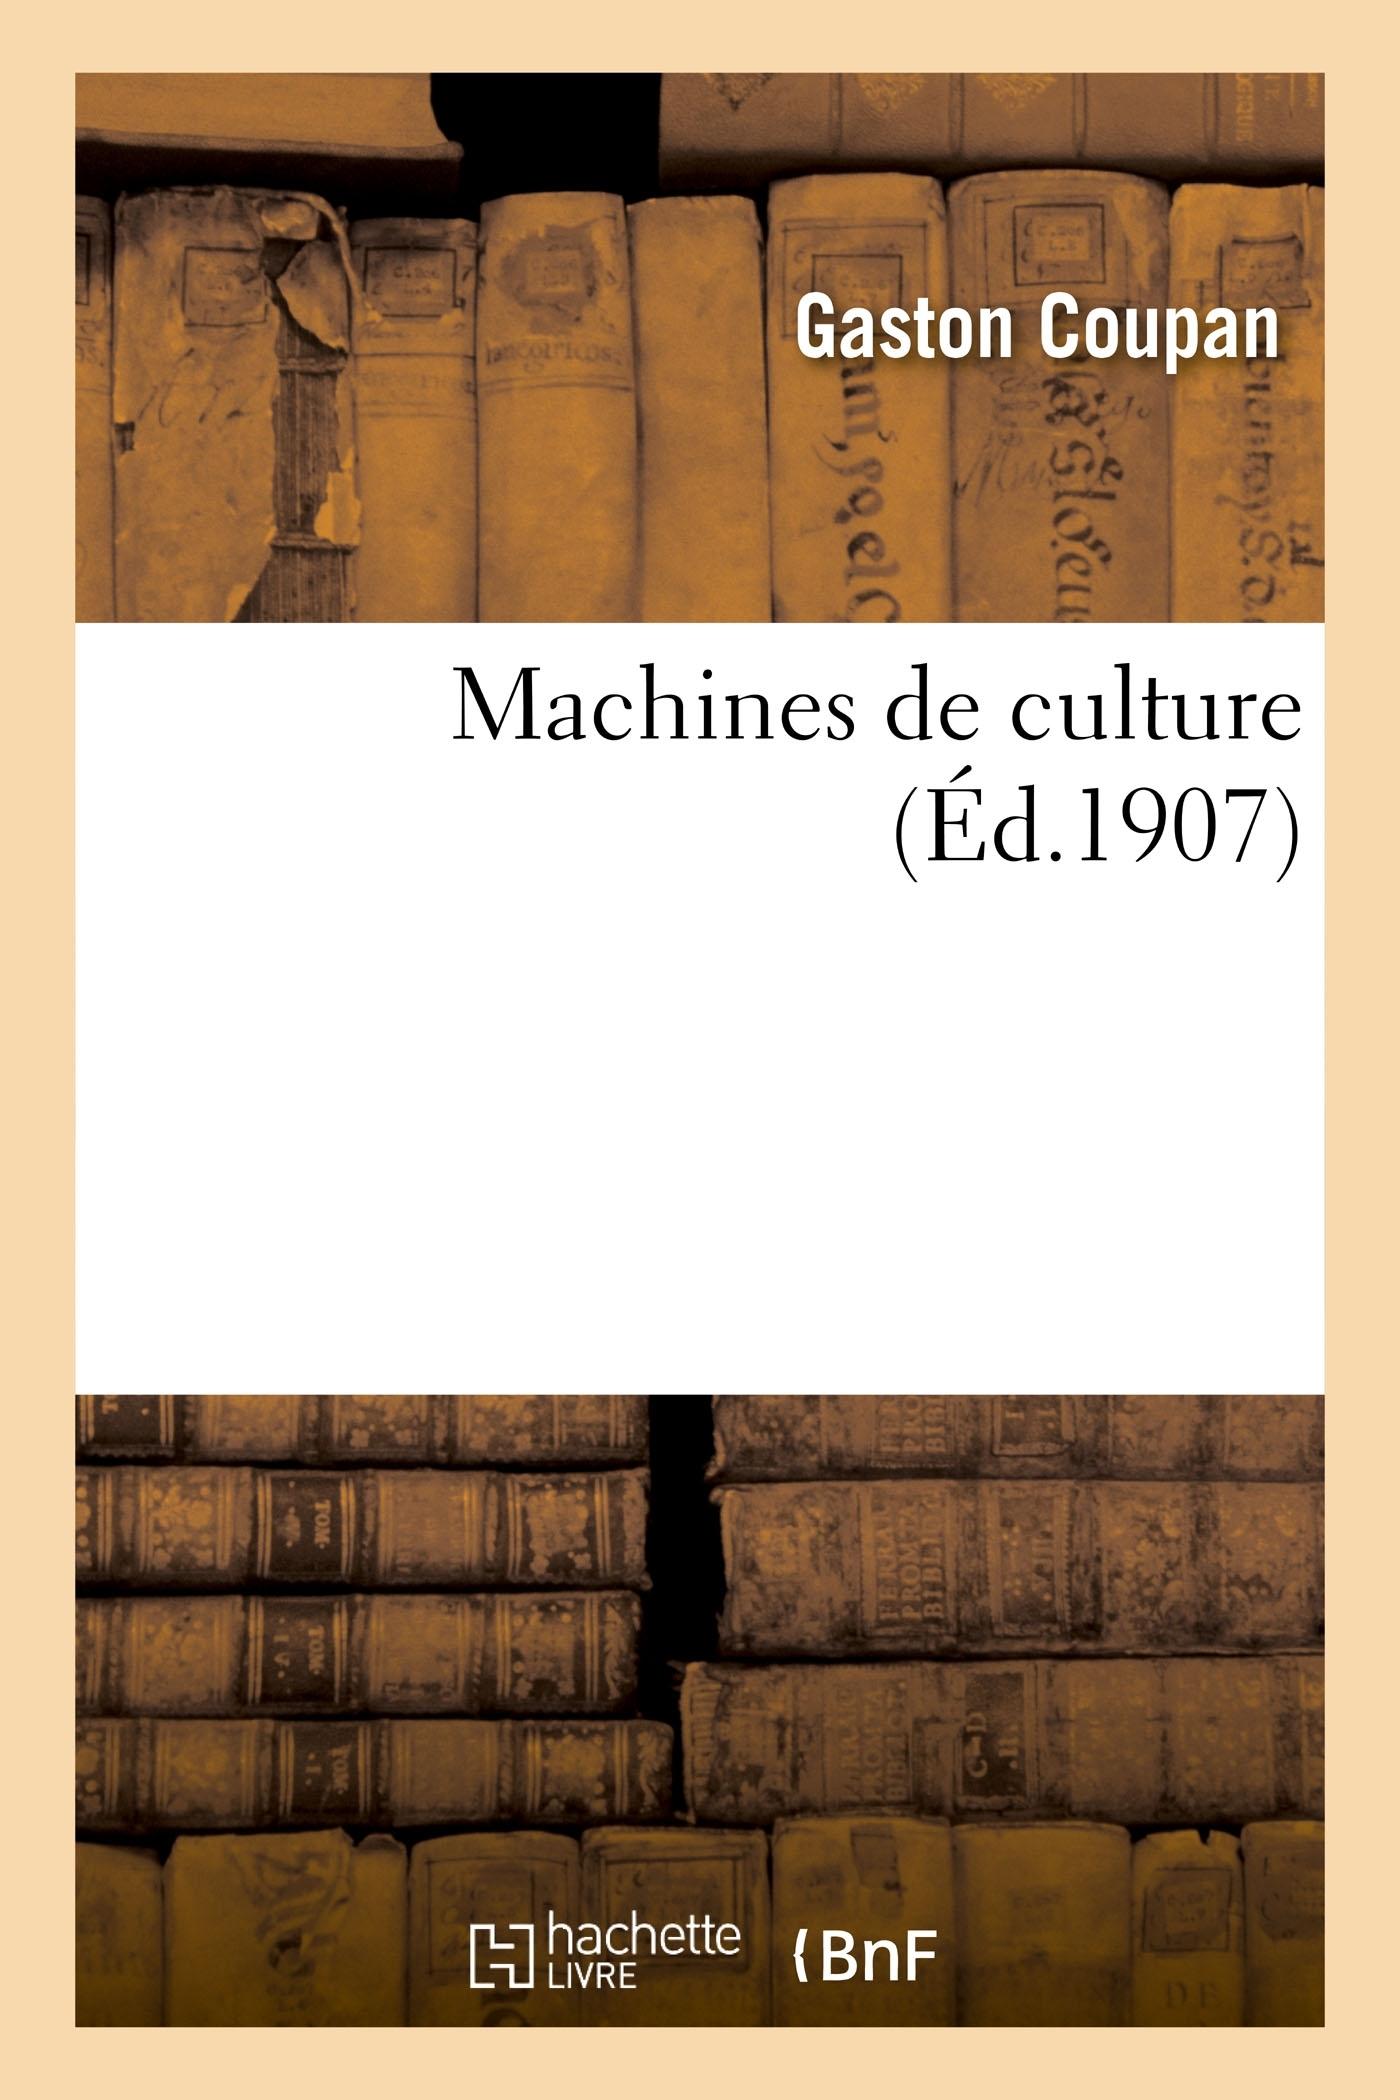 MACHINES DE CULTURE - PREPARATION DES TERRES, EPANDAGE DES ENGRAIS ET DES SEMENCES, ENTRETIEN DES CU